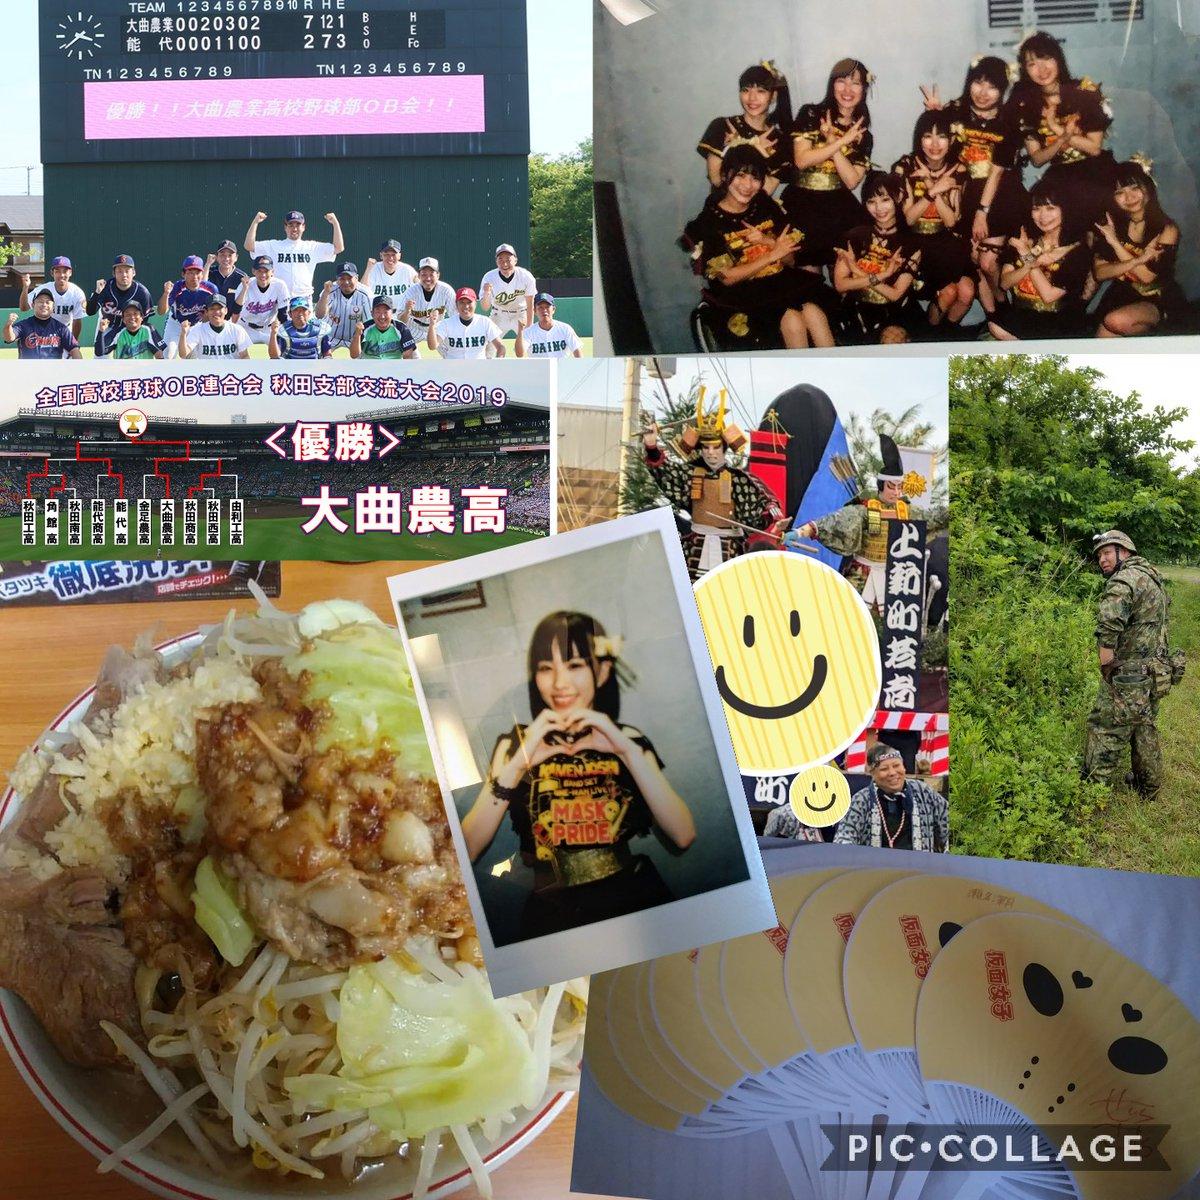 楽しかったっすわ~2019年 松戸ではしゃいだり 野球で優勝したり お祭りで熱中症なりかけたし 最強のラーメン食したり 全開で楽しかったのはやっぱ仮面女子 MASKPRIDEも行けたし最高の思い出です